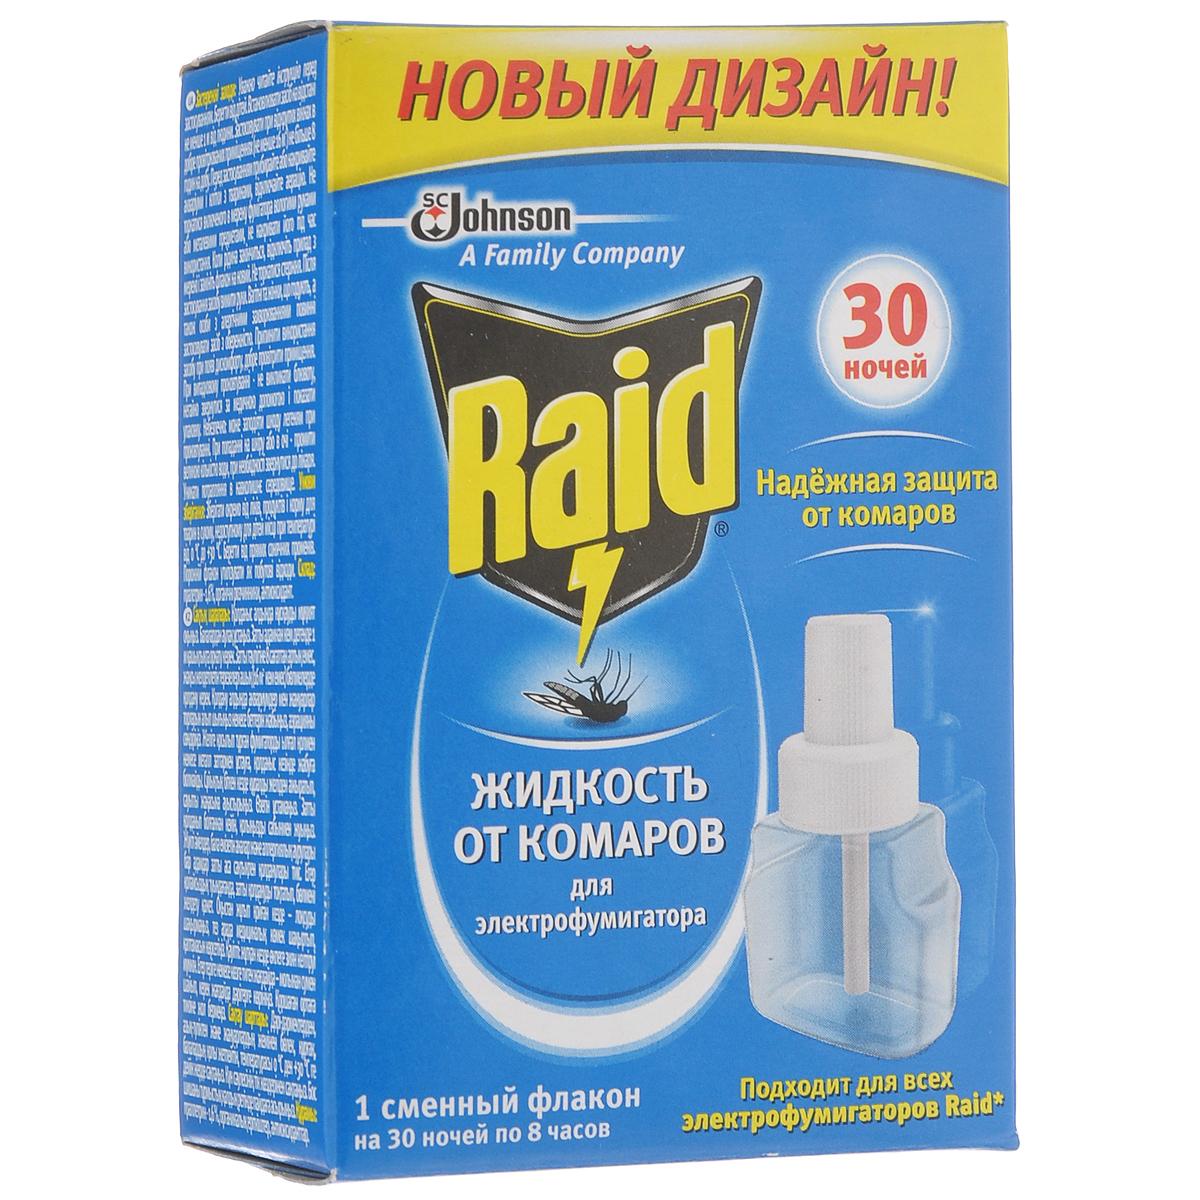 Жидкость для фумигатора от комаров Raid, на 30 ночей, 21,9 мл9103500790Жидкость от комаров Raid - это защита от комаров для всех членов семьи. Обеспечивает 30 ночей (по 8 часов) непрерывной эффективной защиты.Сменный флакон действует в помещении до 50 м3. Не обладающая никаким запахом, абсолютно безопасная для здоровья жидкость от комаров, уничтожает насекомых в комнате, даже при открытых окнах в течение всей ночи.Состав: праллетрин 1,6%, органические растворители, антиоксидант.